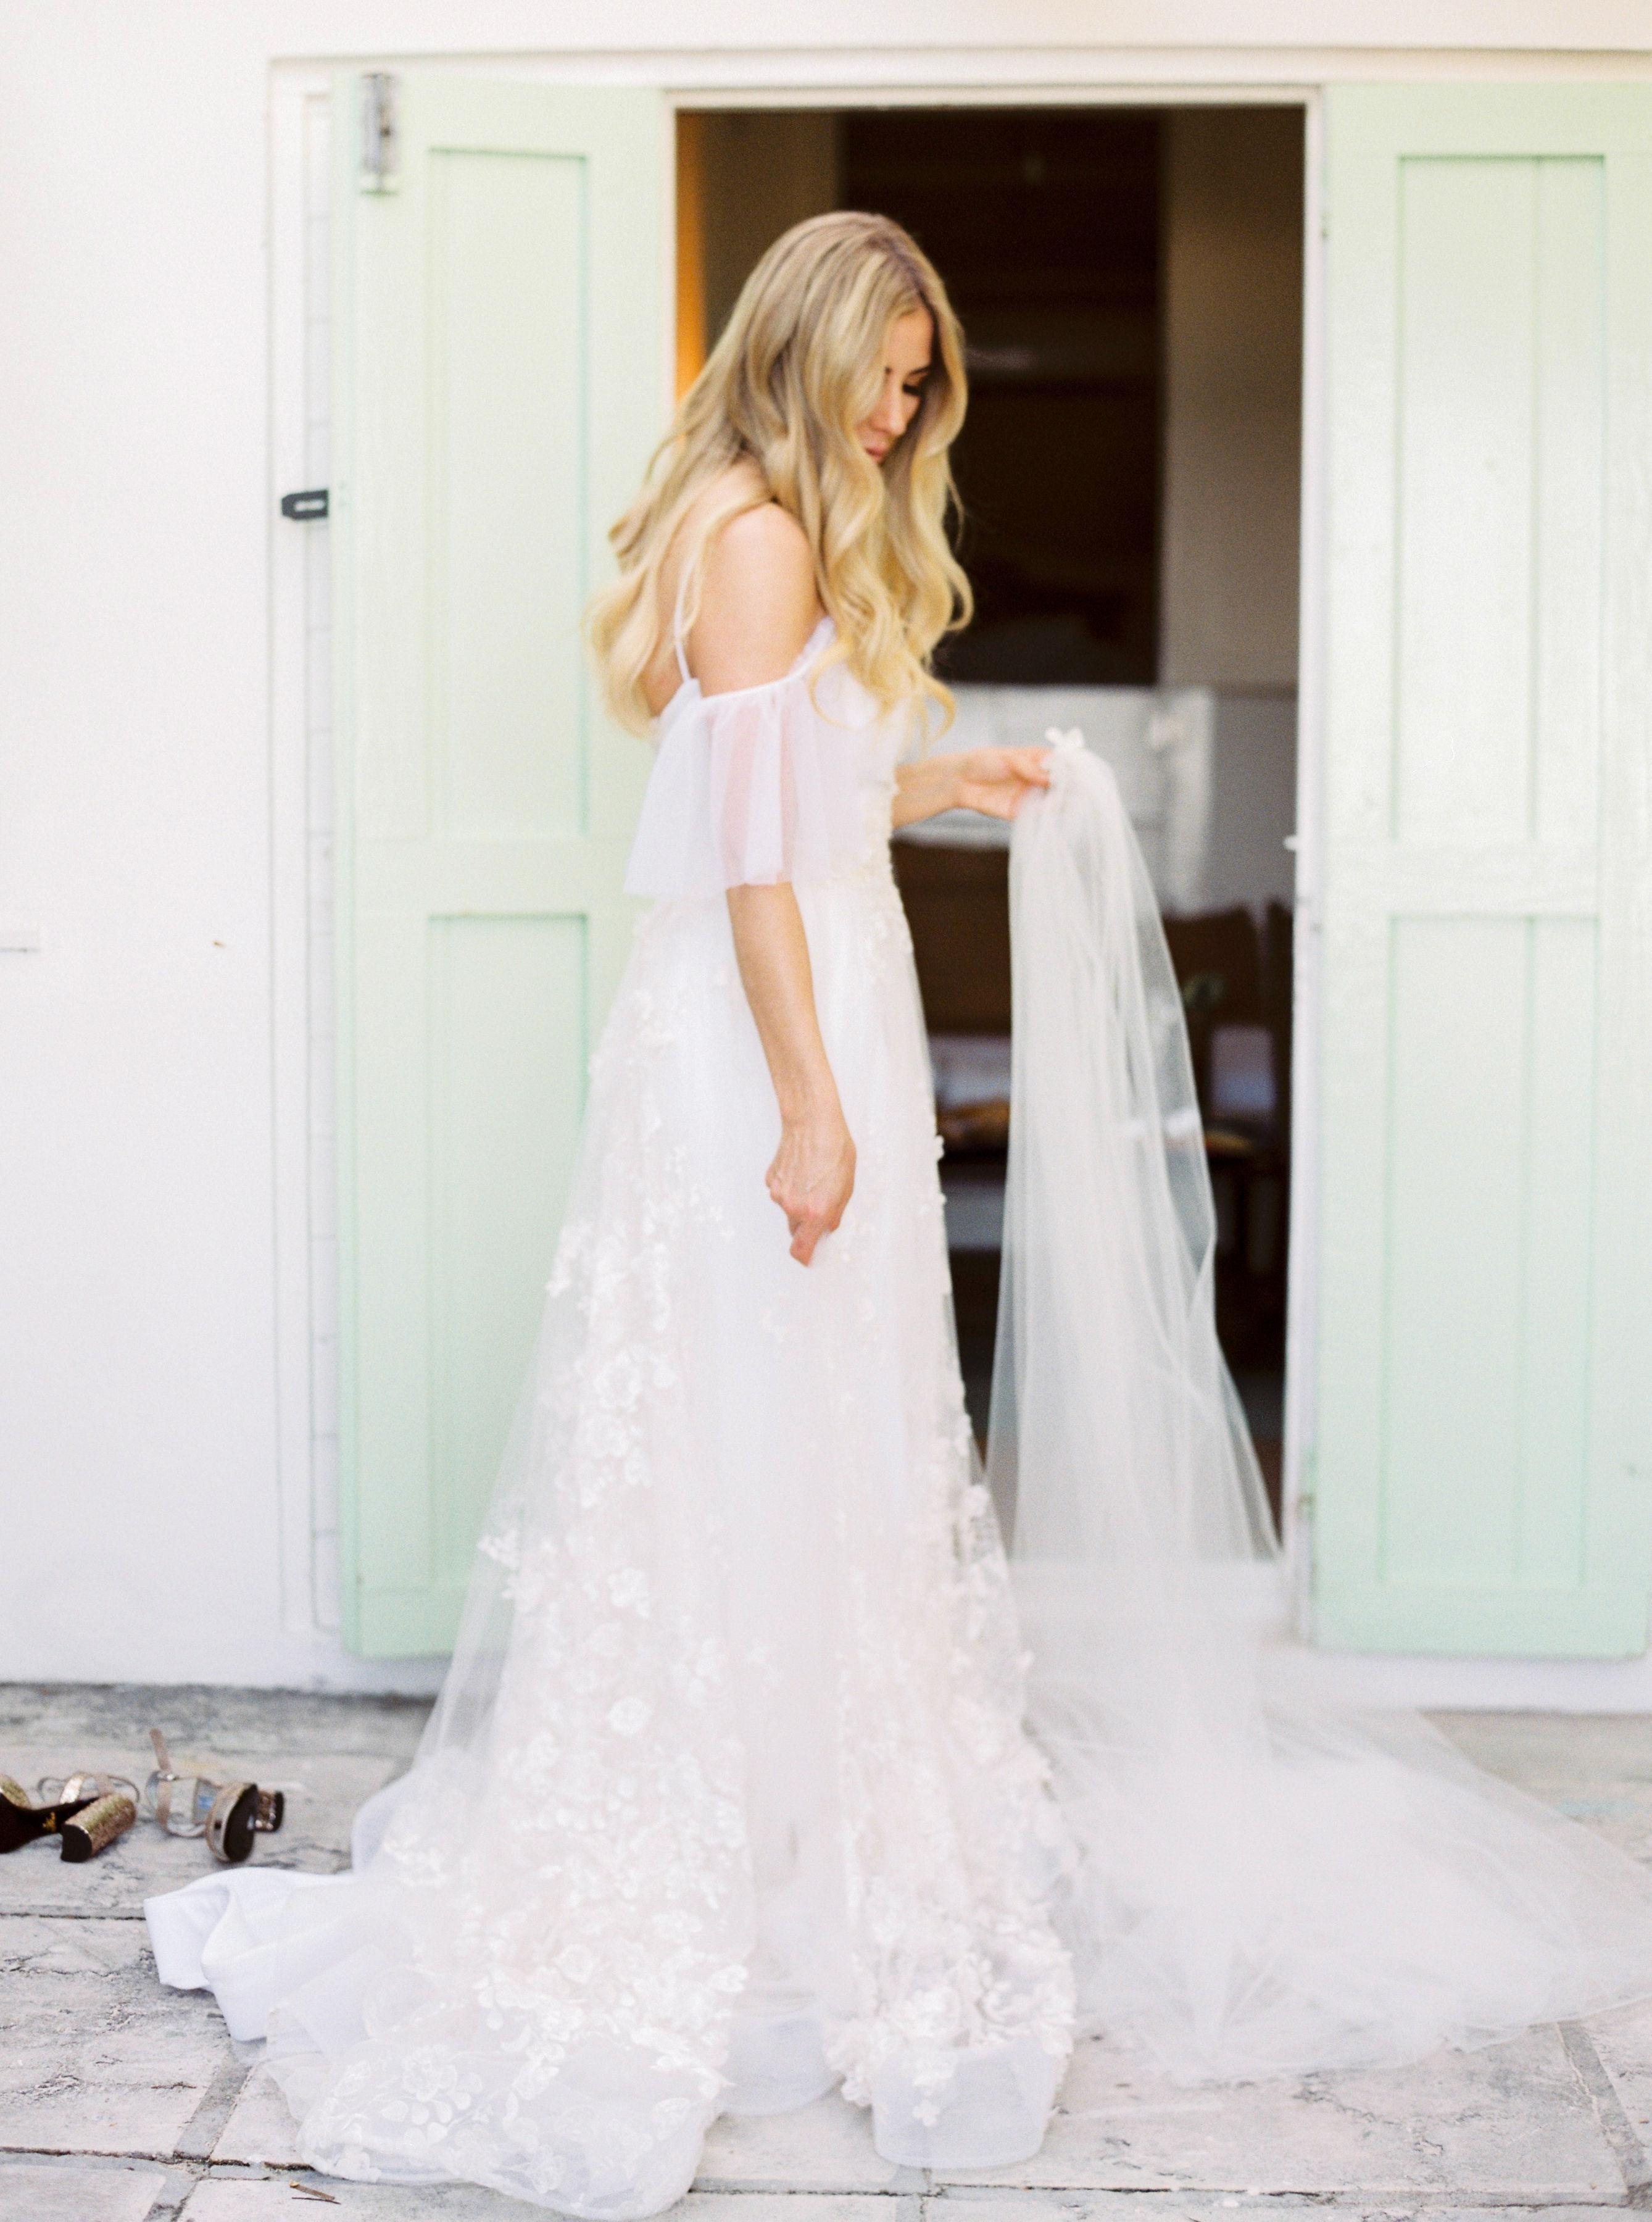 Elizabeth in wedding dress side view